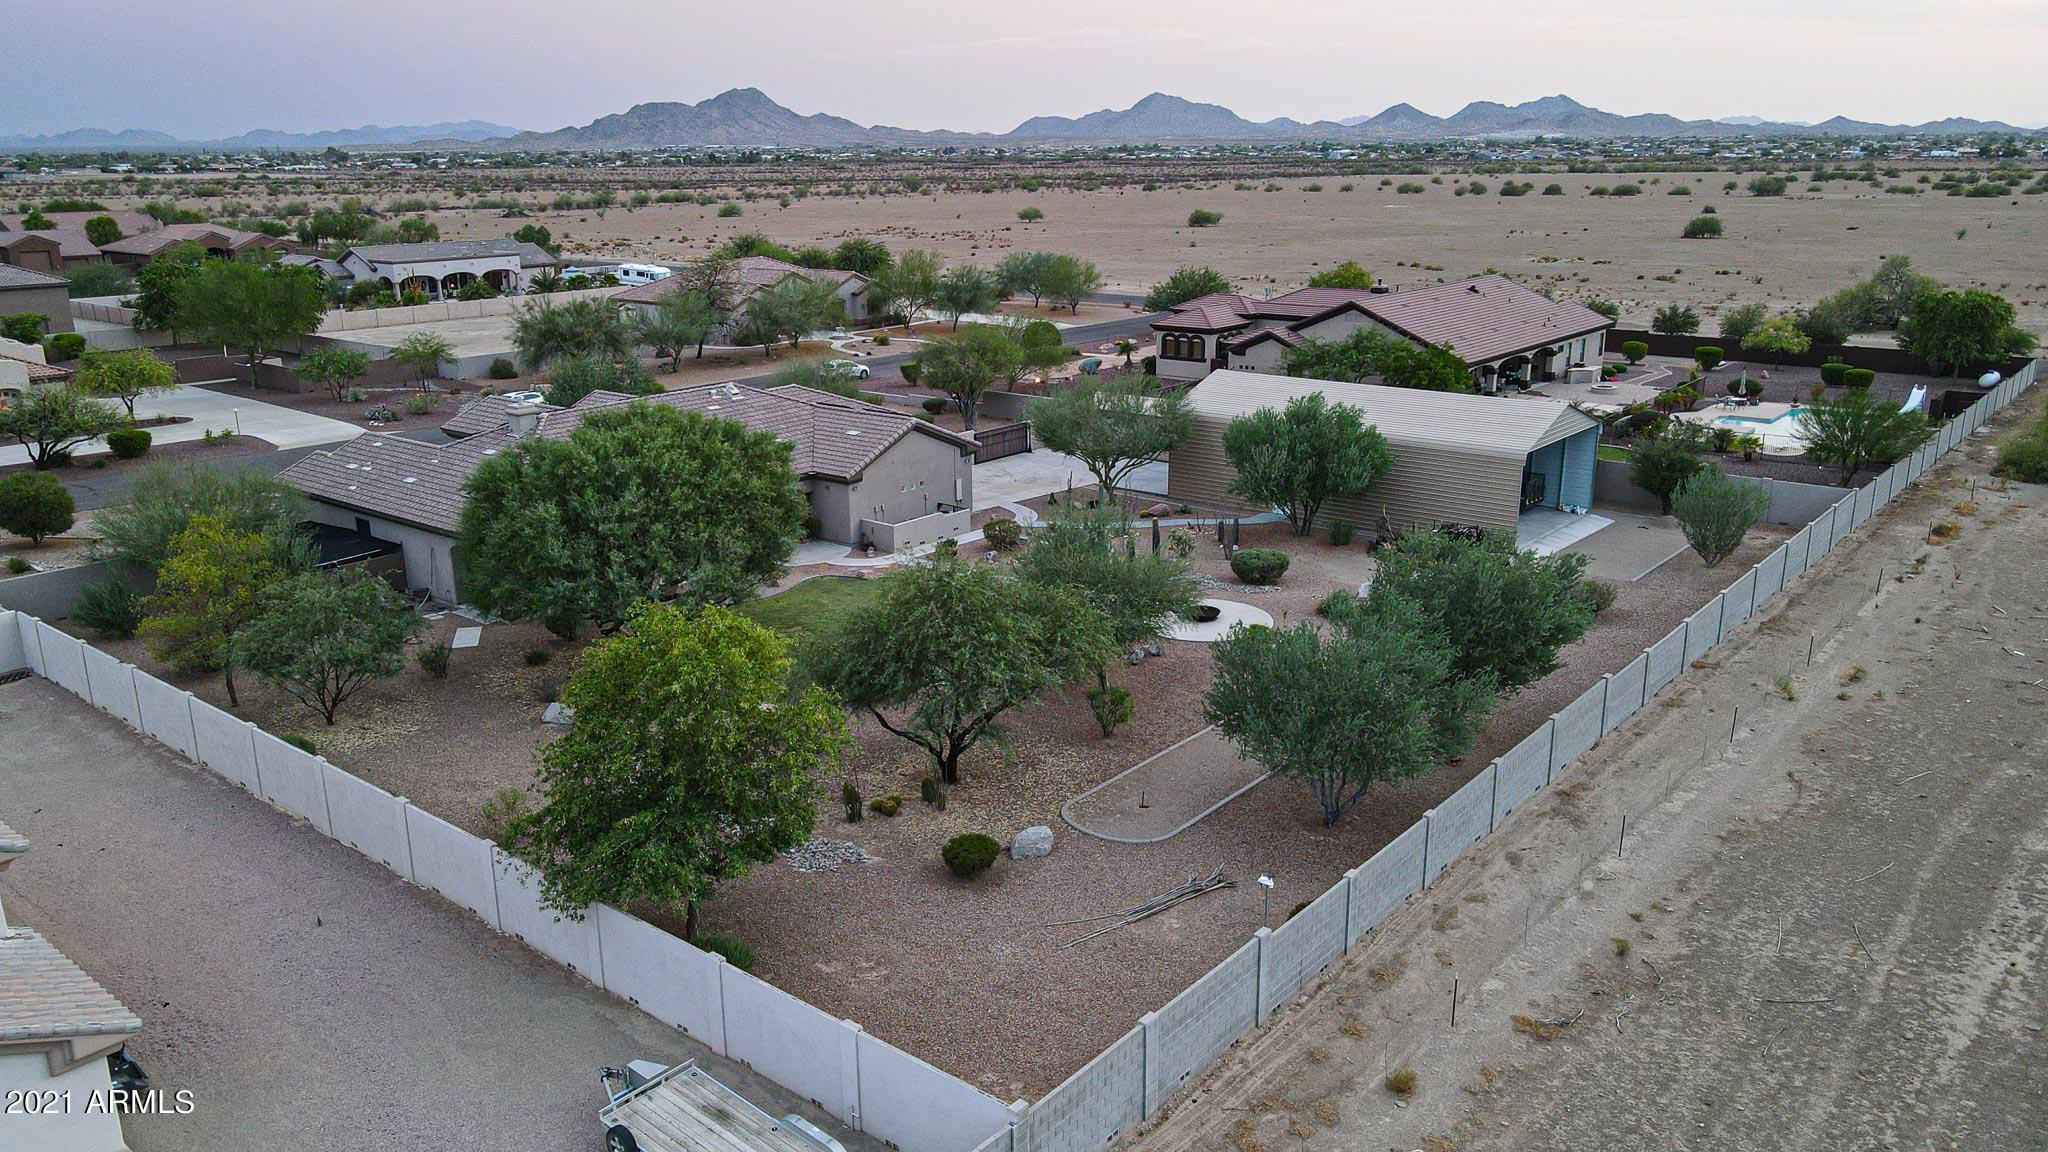 MLS 6268707 19620 W CORTO Lane, Buckeye, AZ 85326 Buckeye AZ Four Bedroom